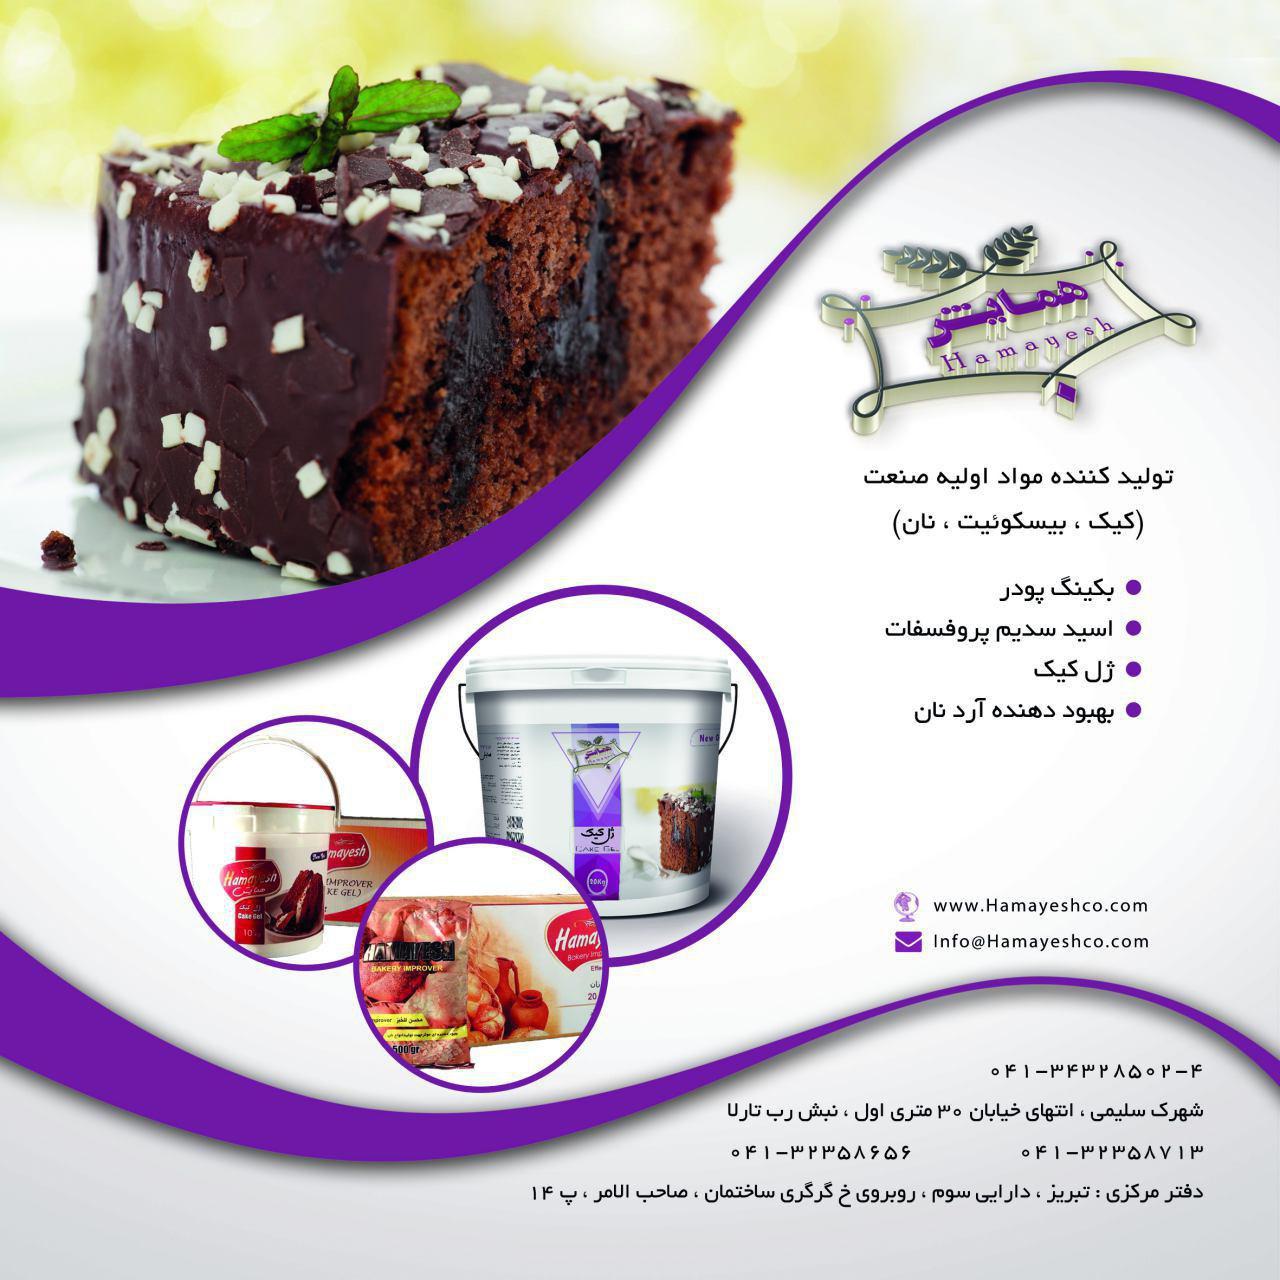 شرکت همایش تولیدکننده مواد اولیه  صنعت نان کیک بیسکوییت